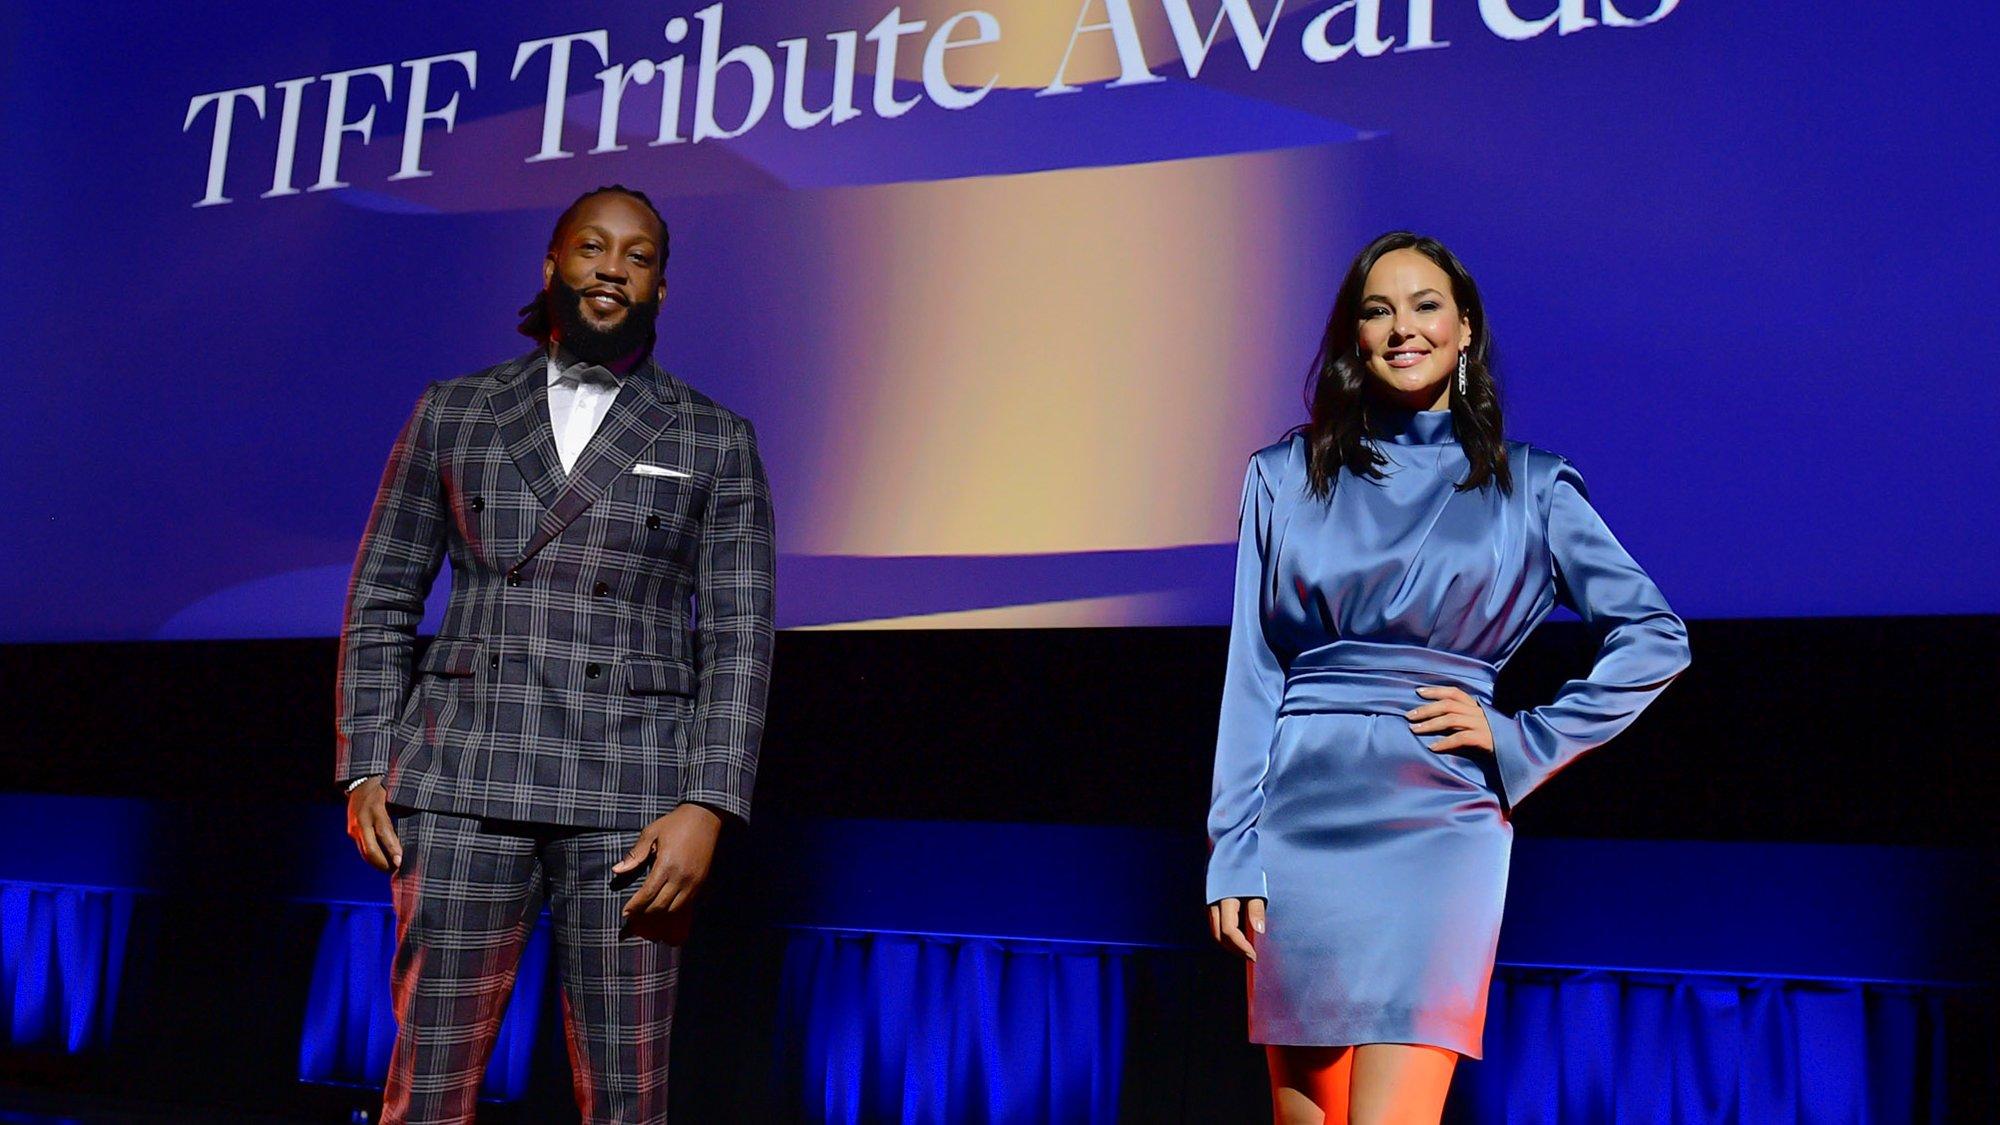 2020 TIFF Tribute Awards